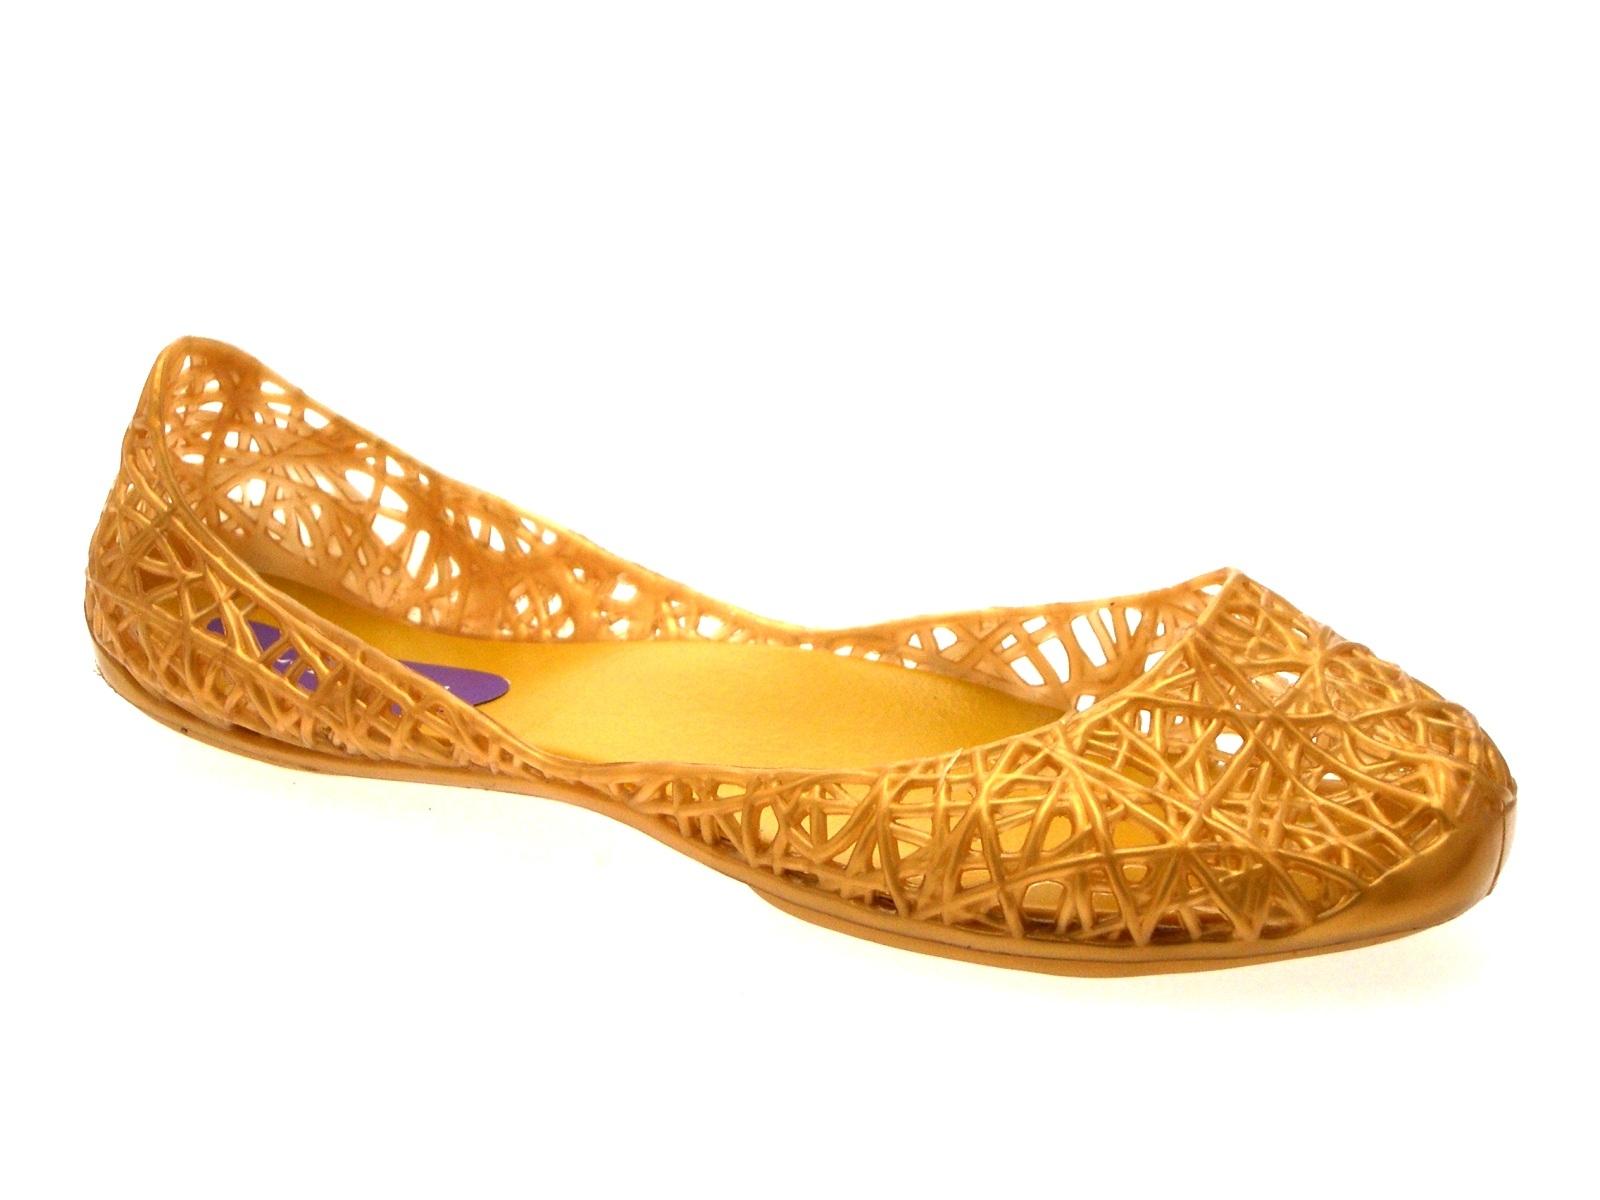 312dc86b31d4 Womens Jelly Flip Flops Glitter Ballet Pumps Beach Sandals Ladies ...